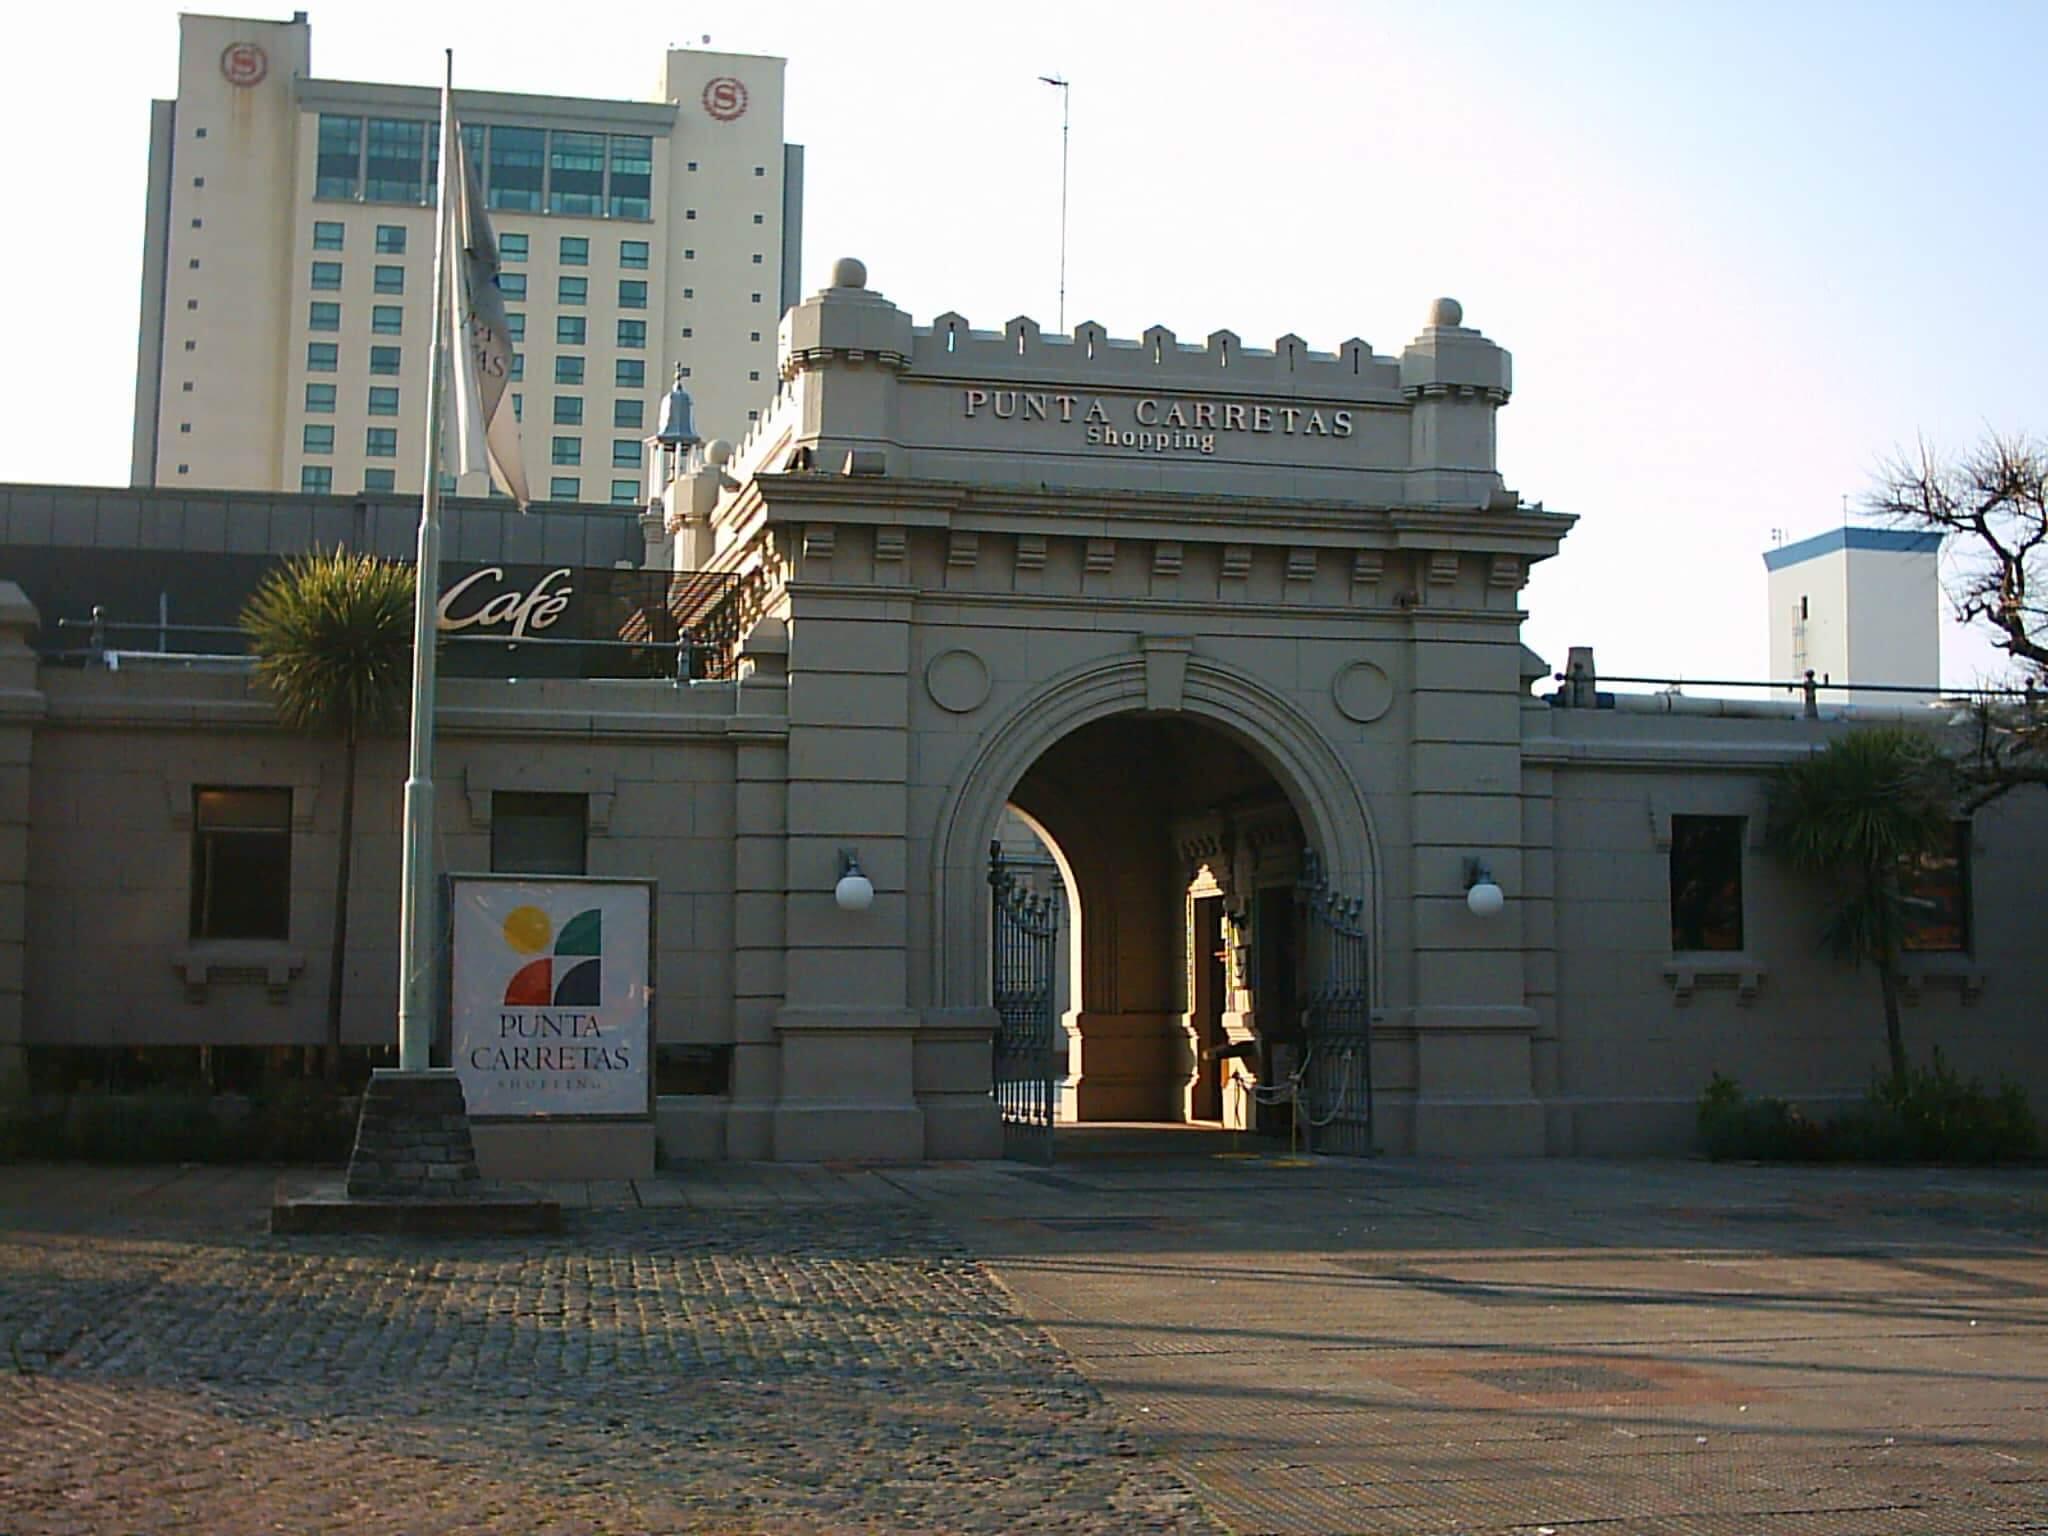 O que fazer em Montevidéu: compras em Montevidéu - Punta Carretas Shopping